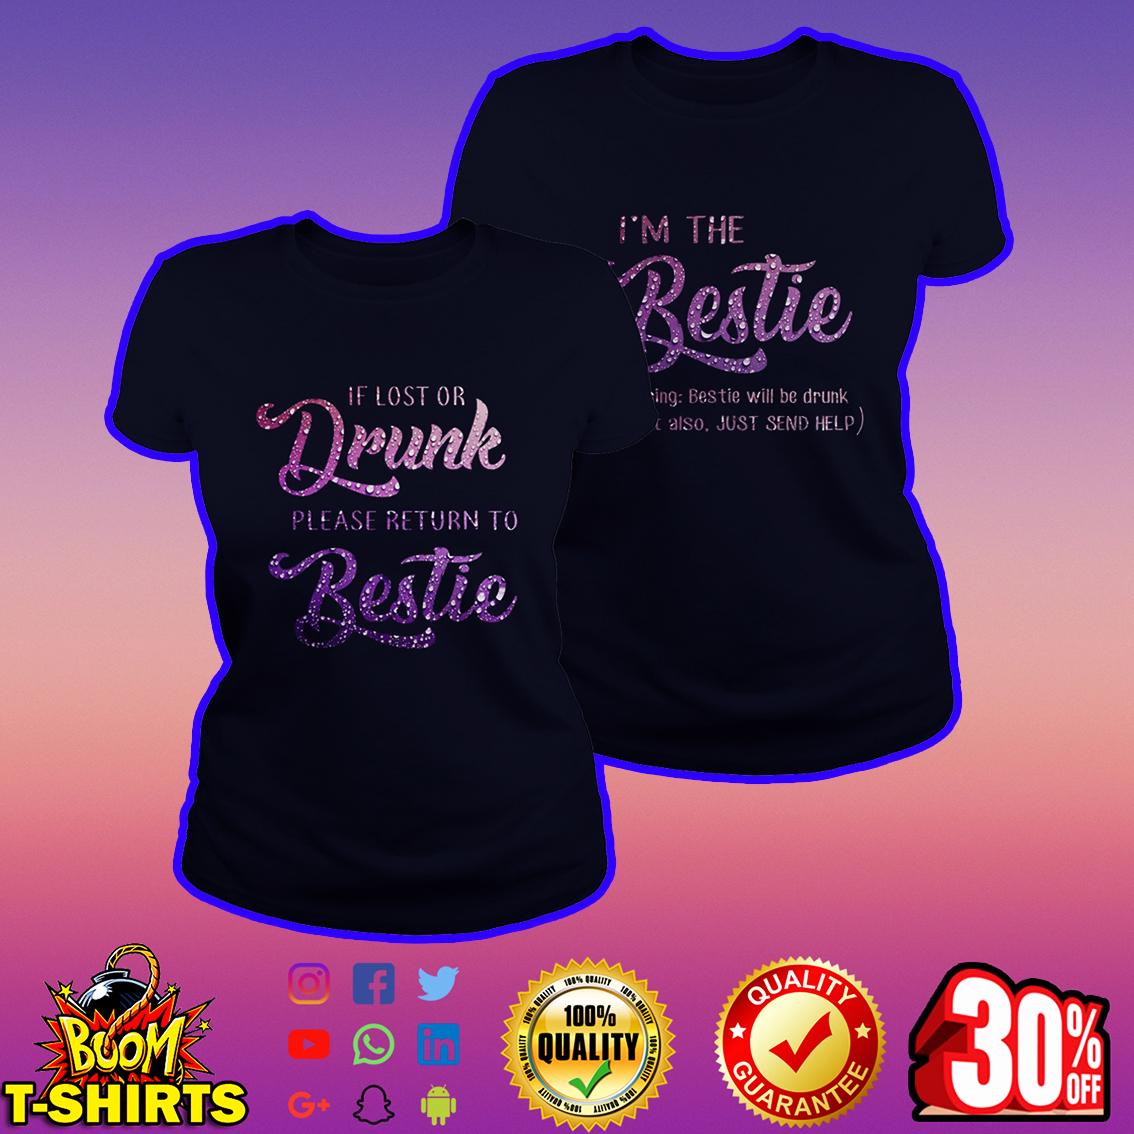 If lost or dunk please return to bestie navy shirt - best version